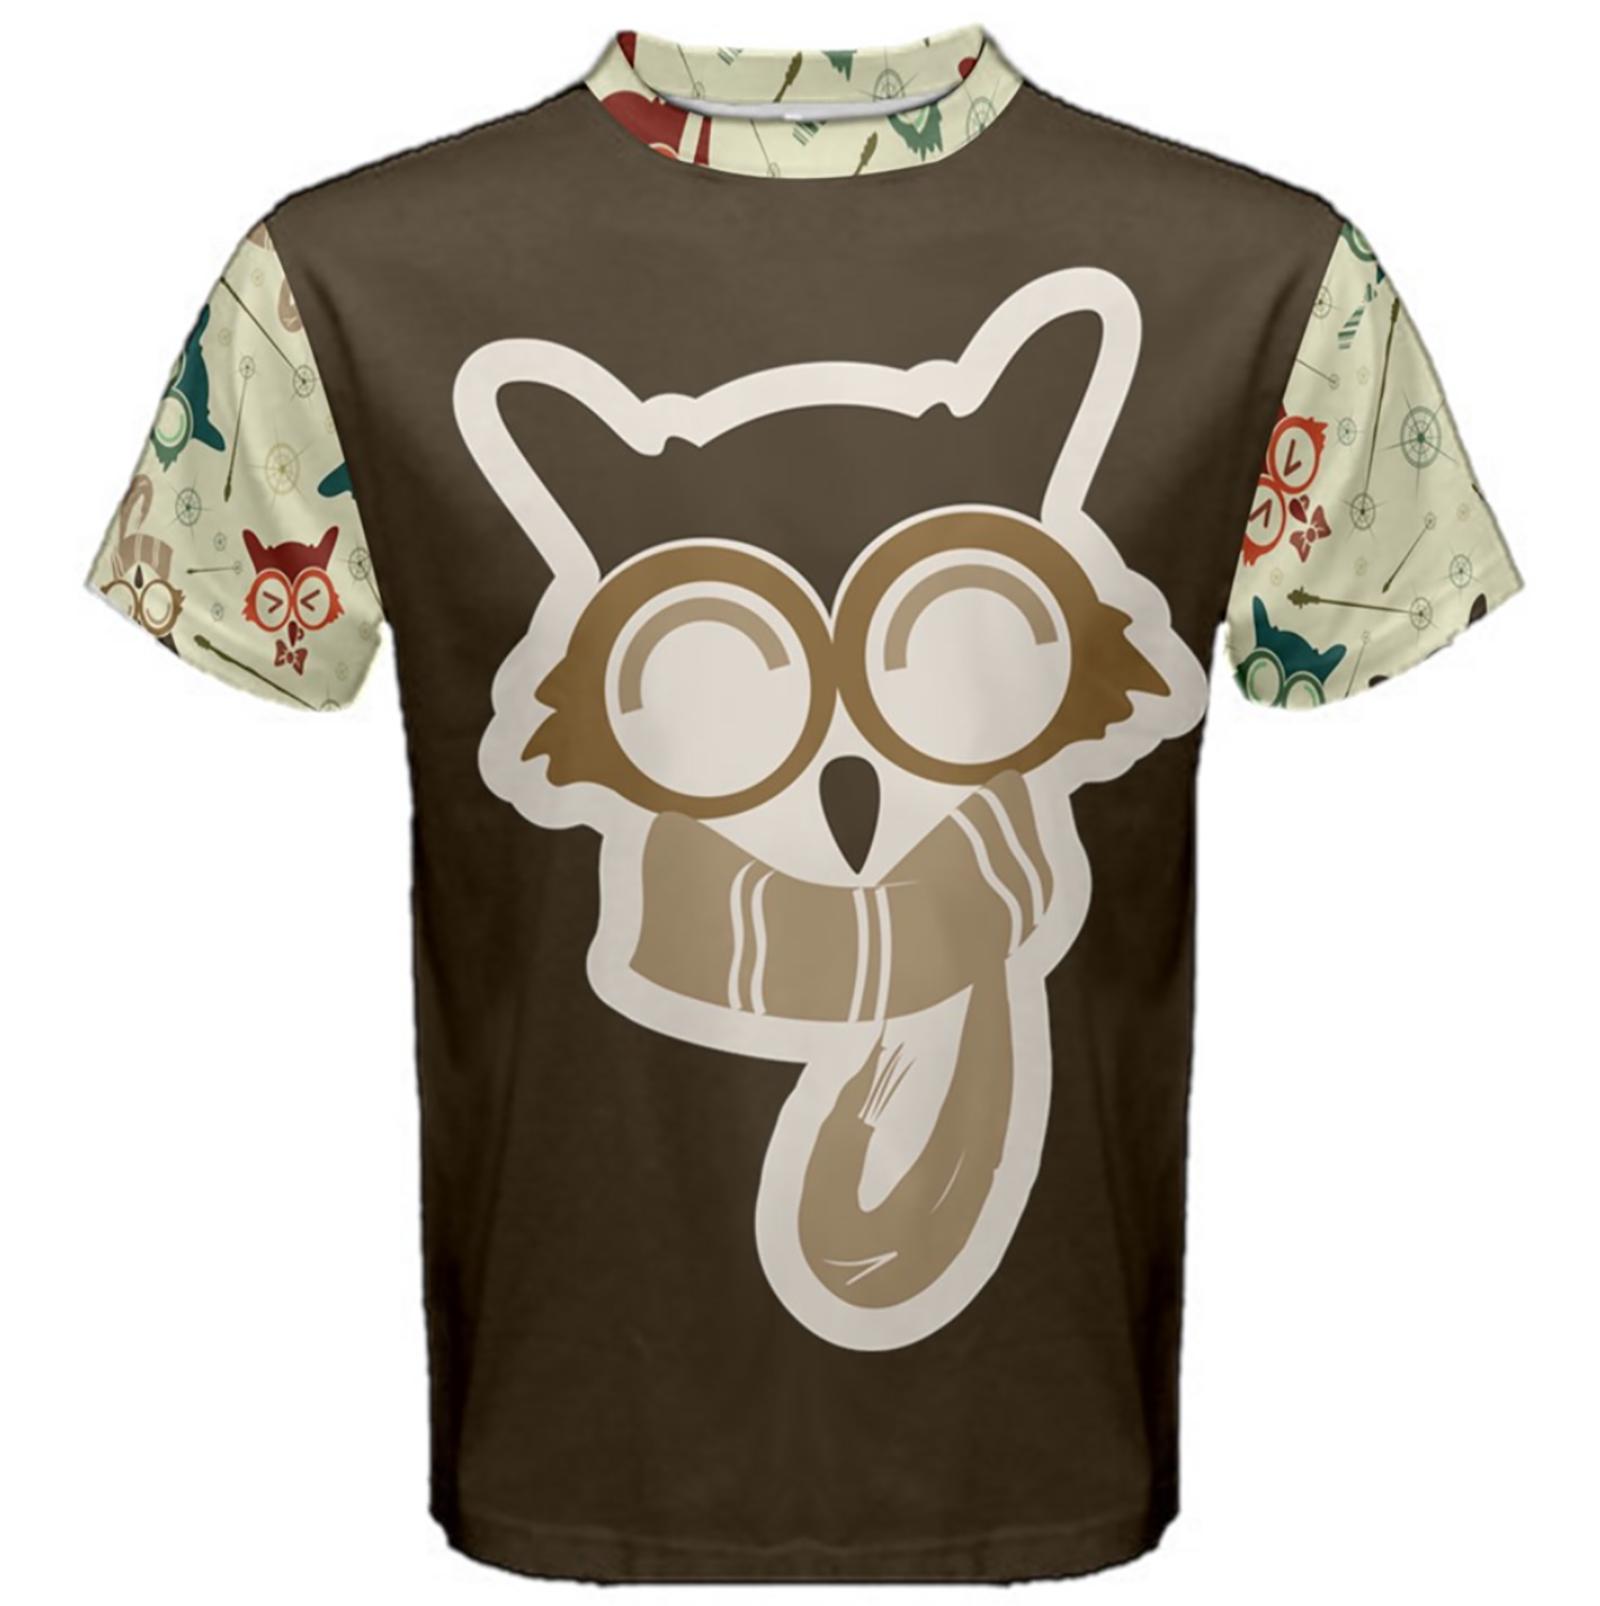 Vintage Emoji Owl Cotton Tee (Brown Emoji Owl)